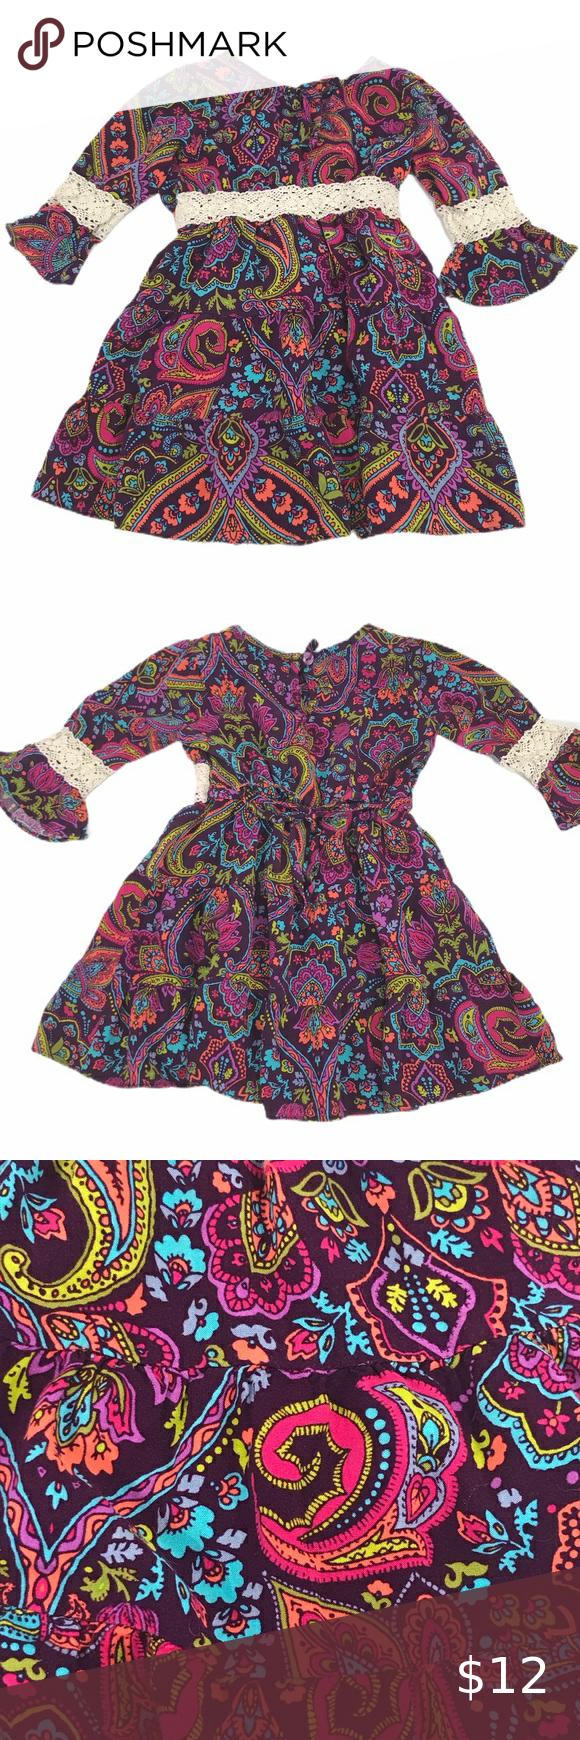 Youngland Multi Color Dress Size 4t Multicolor Dress Dresses Casual Dresses [ 1740 x 580 Pixel ]